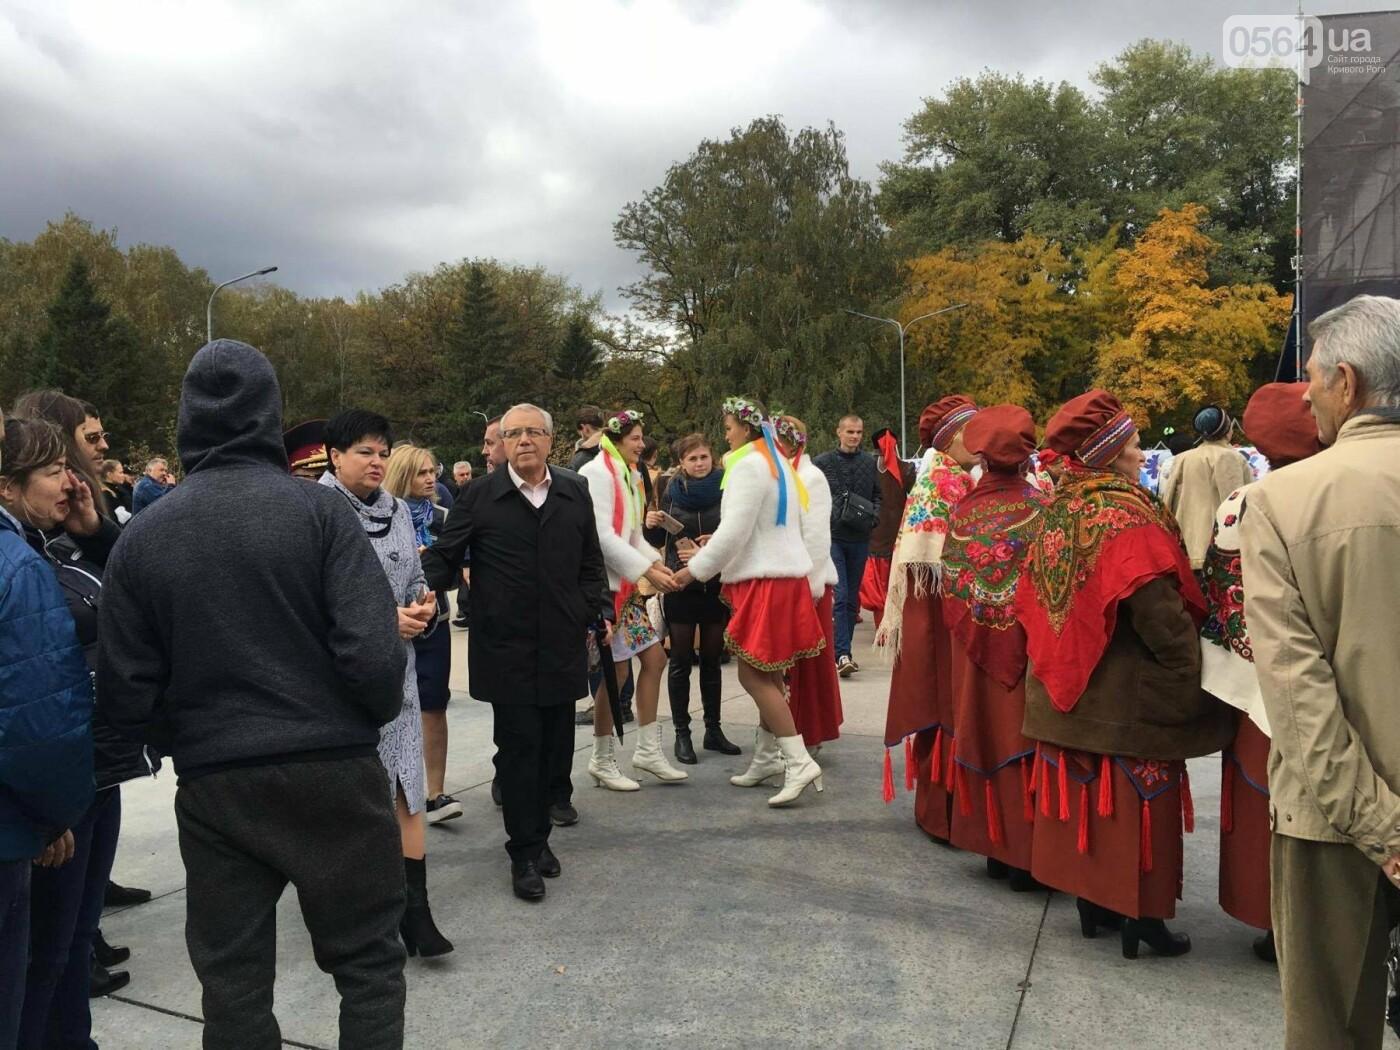 Тысячи криворожан отмечают День украинского козачества на Фестивале в парке Героев (ФОТО, ВИДЕО), фото-3